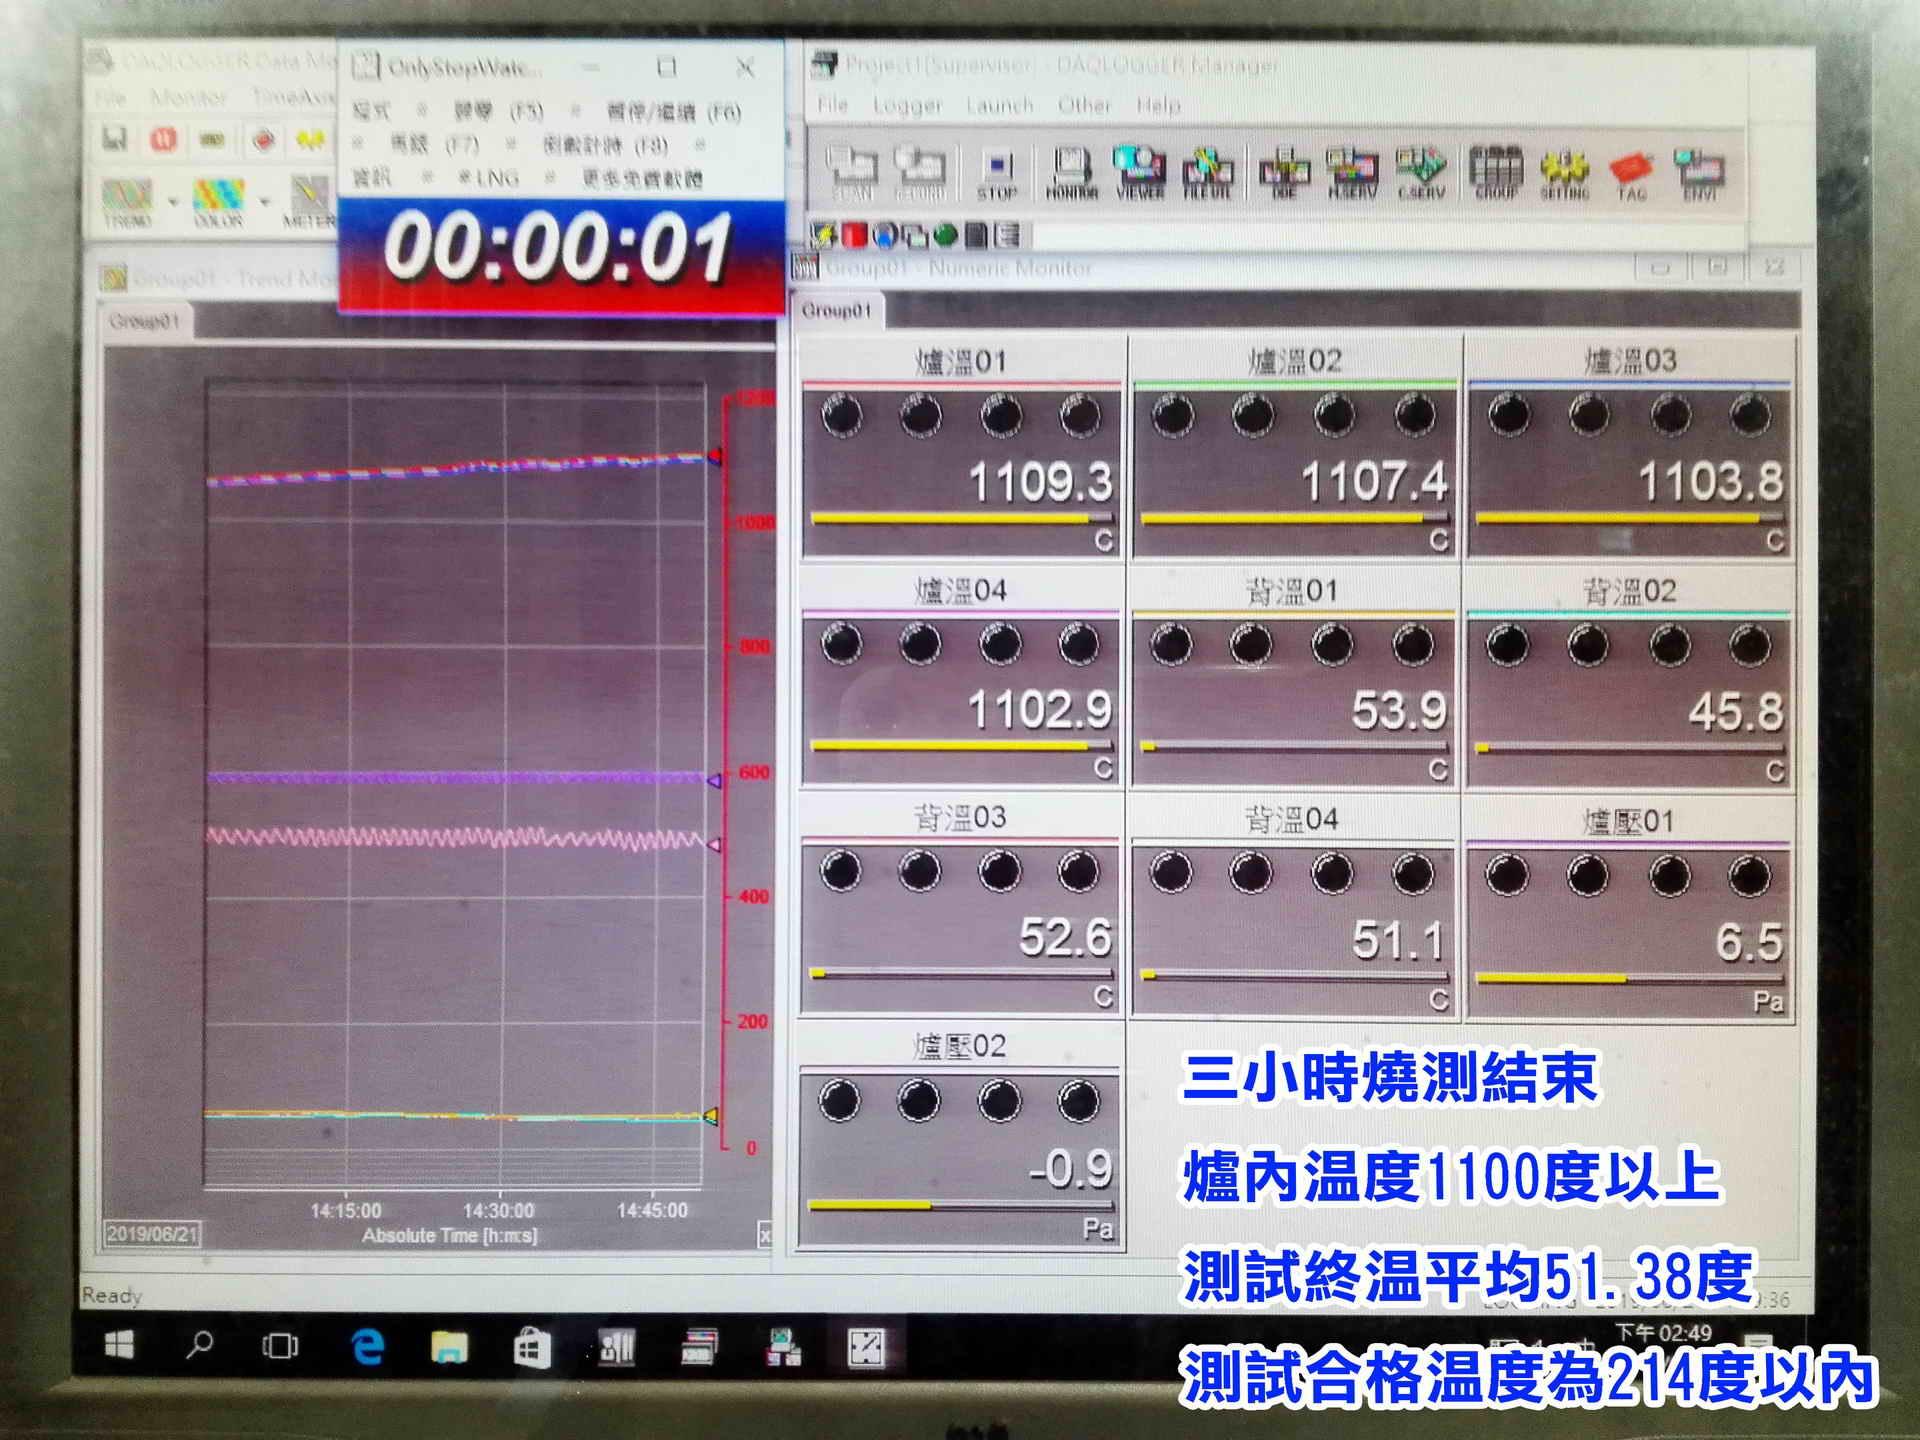 3小時防火矽酸鈣板材料測試-結束